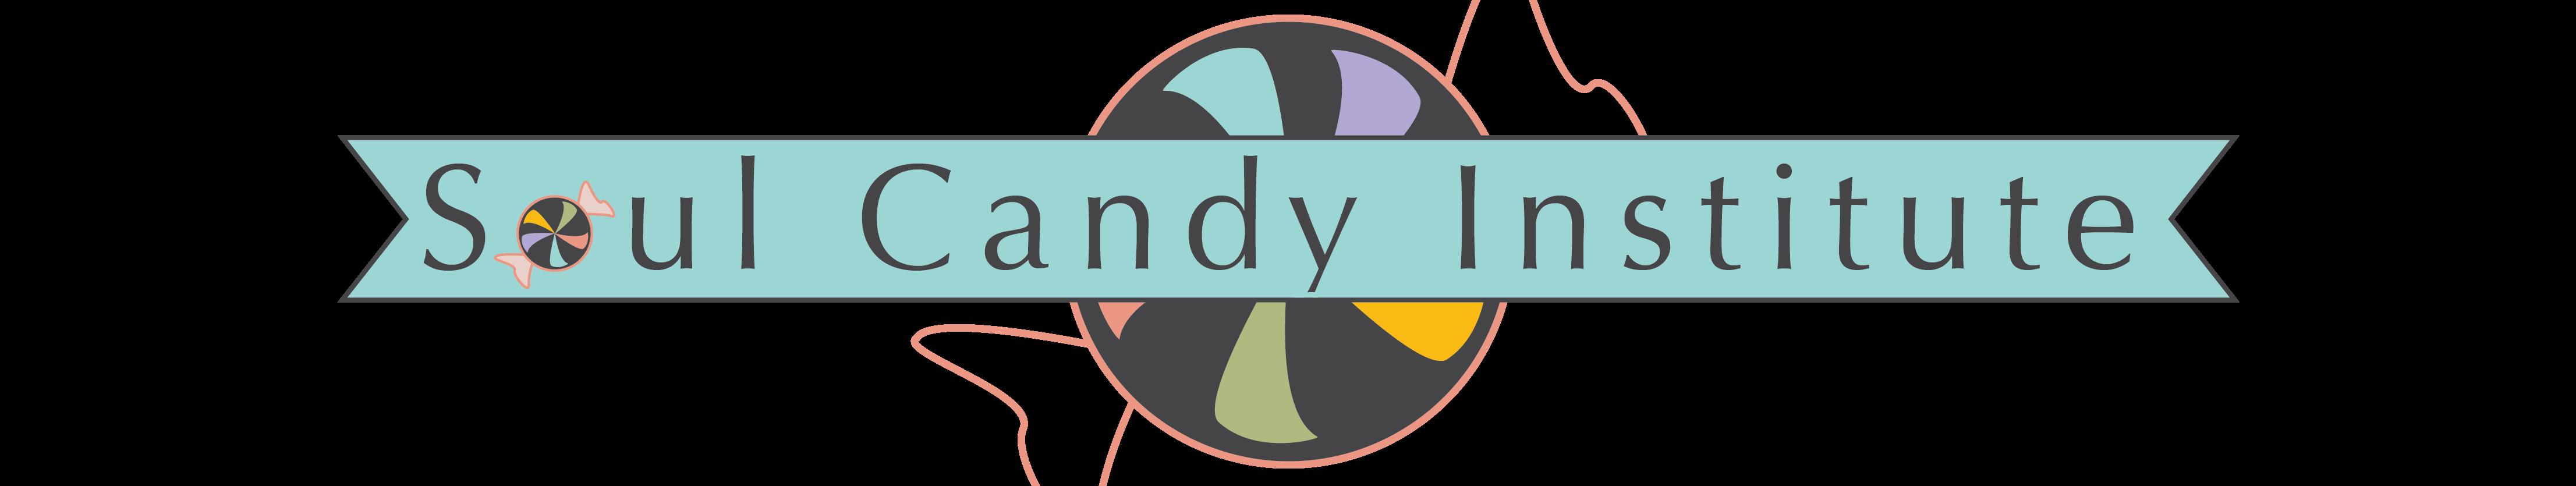 Soul Candy Institute